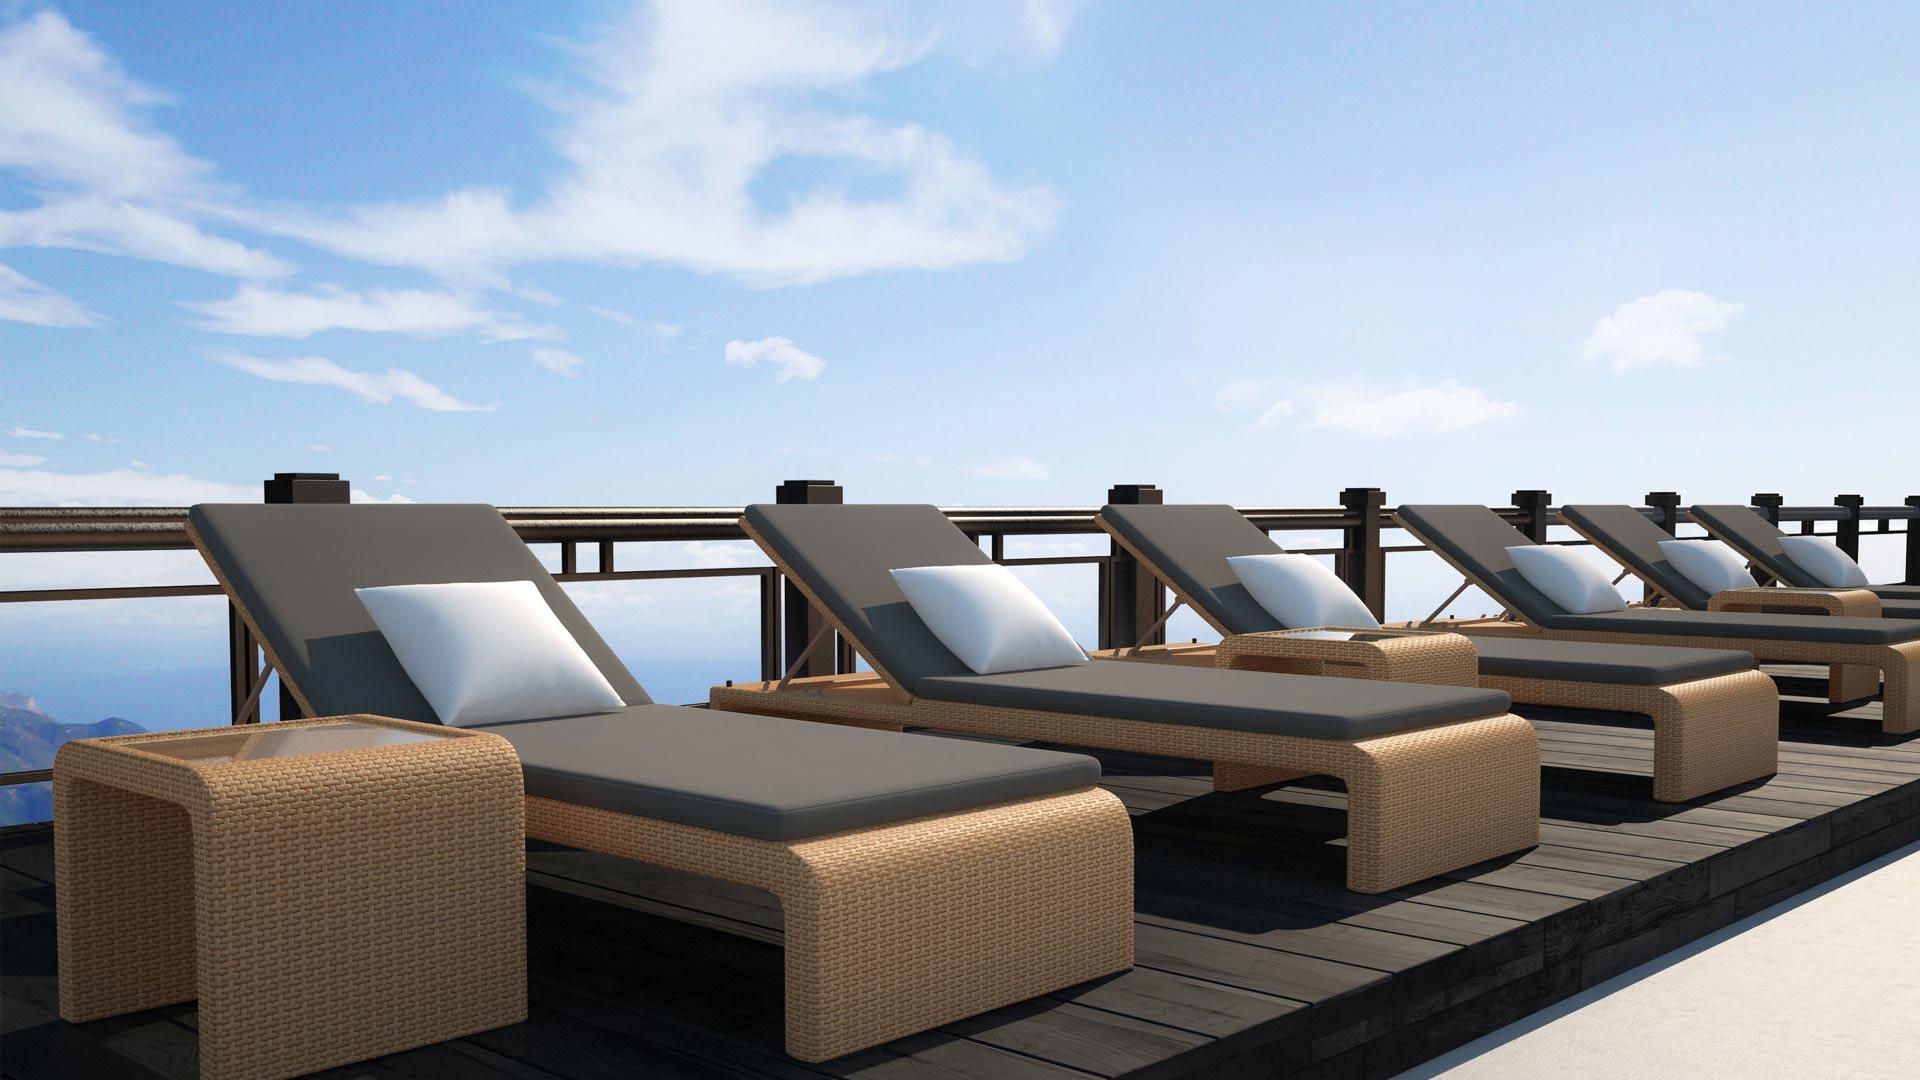 Full Size of Relaxliege Verstellbar Verstellbare Fr Den Outdoor Bereich Wohnzimmer Sofa Mit Verstellbarer Sitztiefe Garten Wohnzimmer Relaxliege Verstellbar